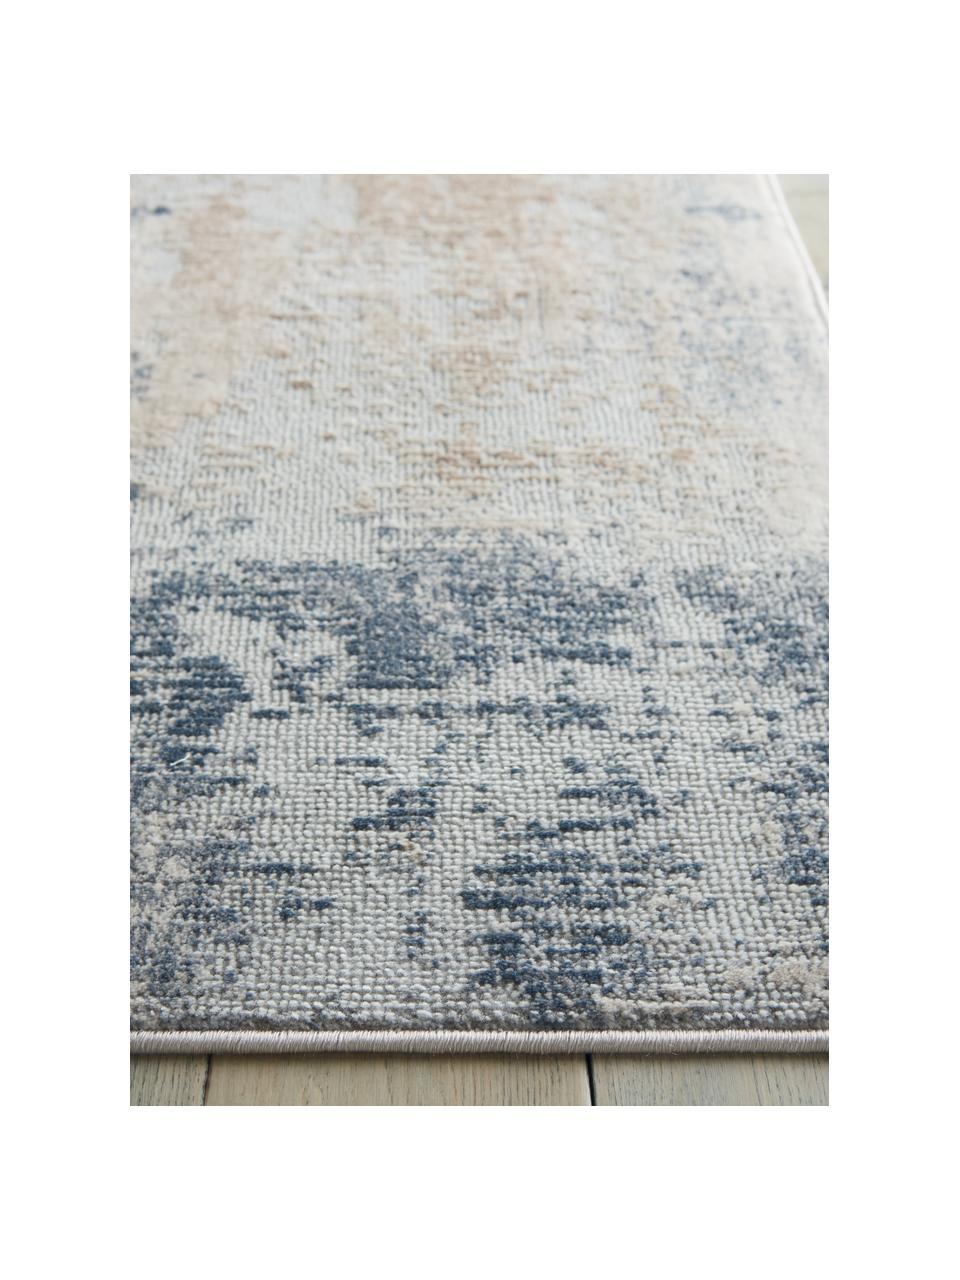 Design vloerkleed Rustic Textures II in beige/grijs, Bovenzijde: 51%polypropyleen, 49%po, Onderzijde: 50%jute, 50%latex, Beigetinten, grijs, B 160 x L 220 cm (maat M)